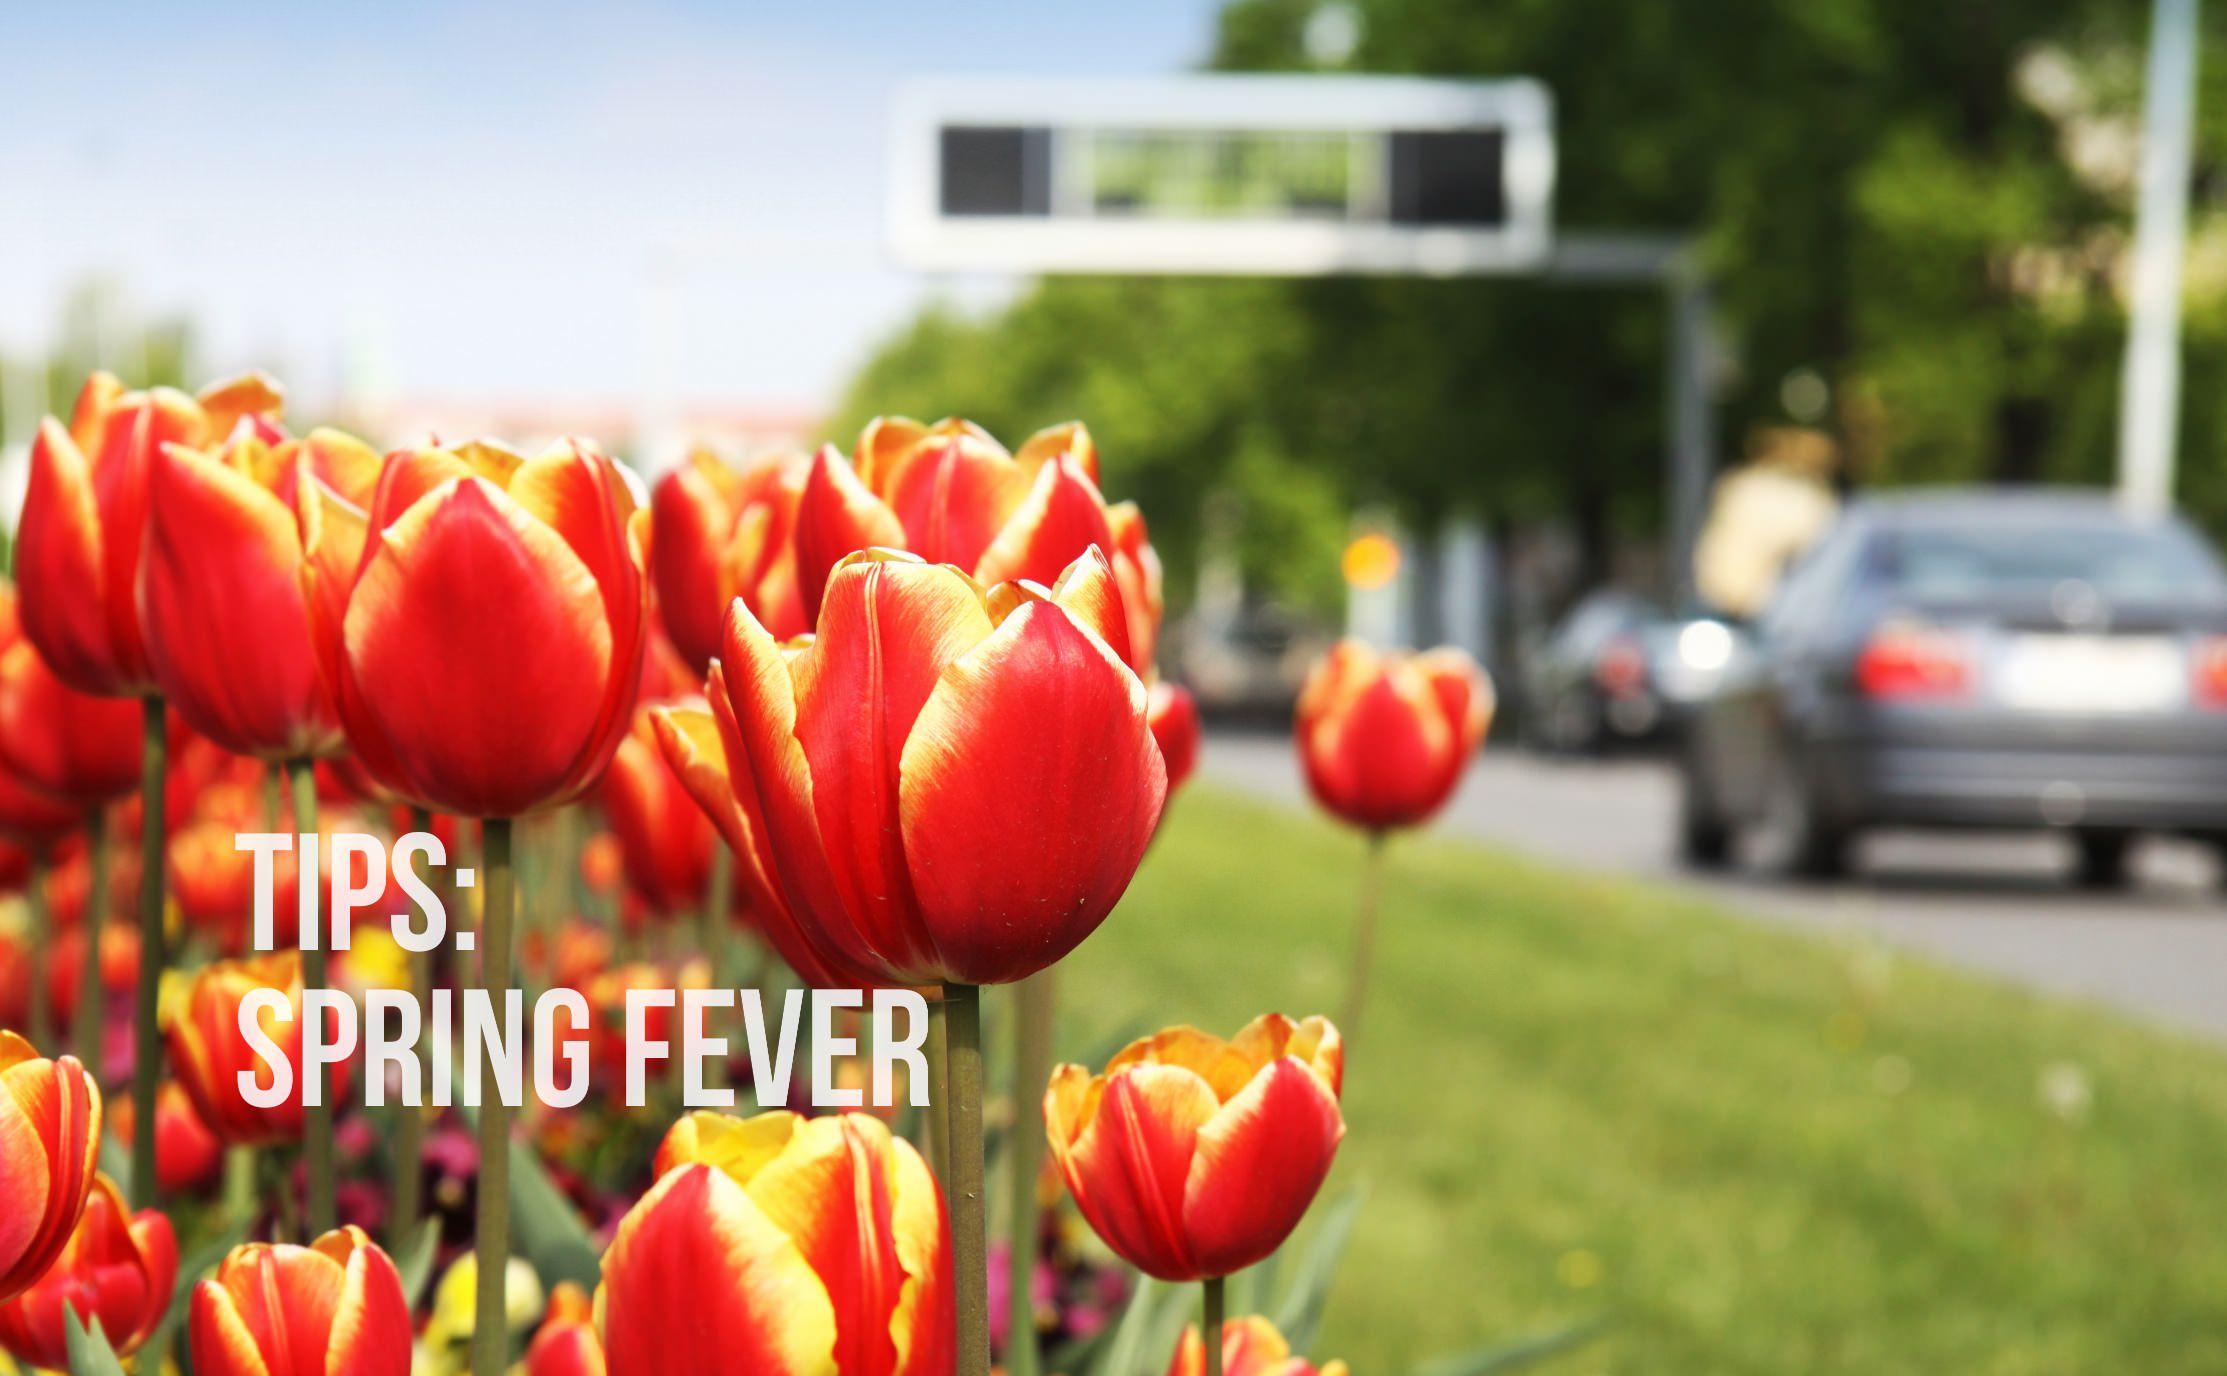 Tips: Spring Fever